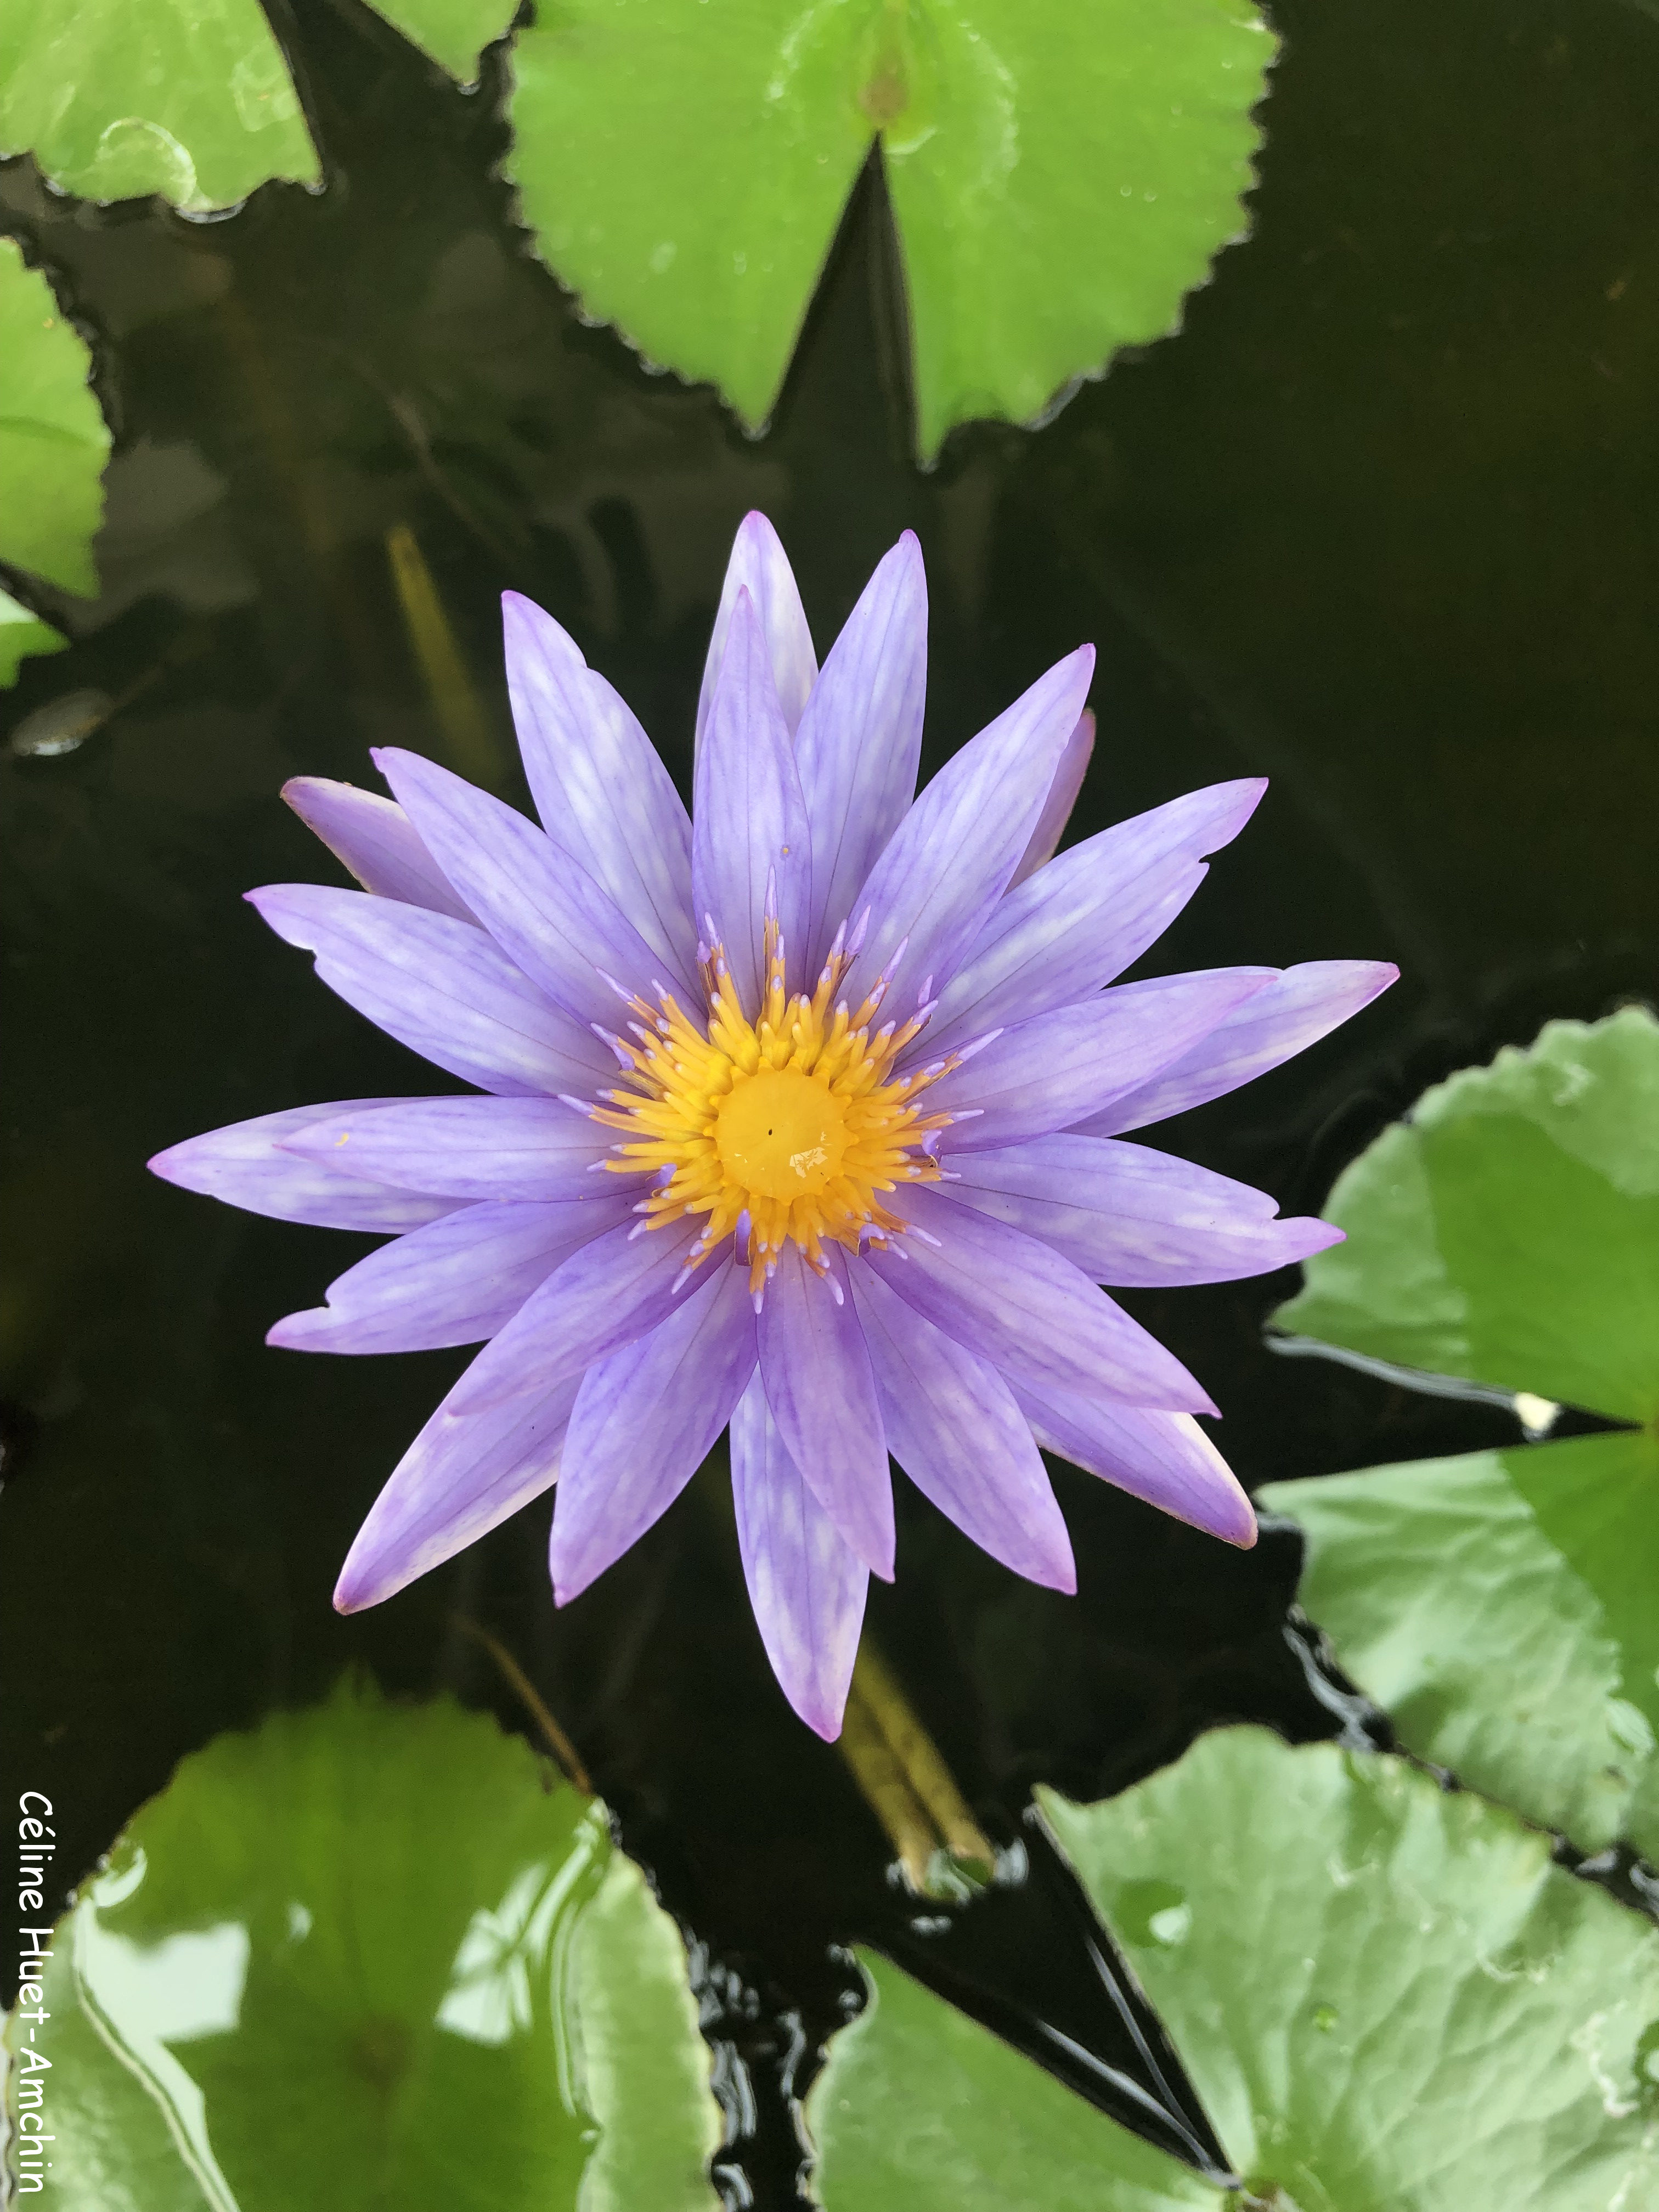 Fleur de lotus province de Chiang Mai Thaïlande Asie